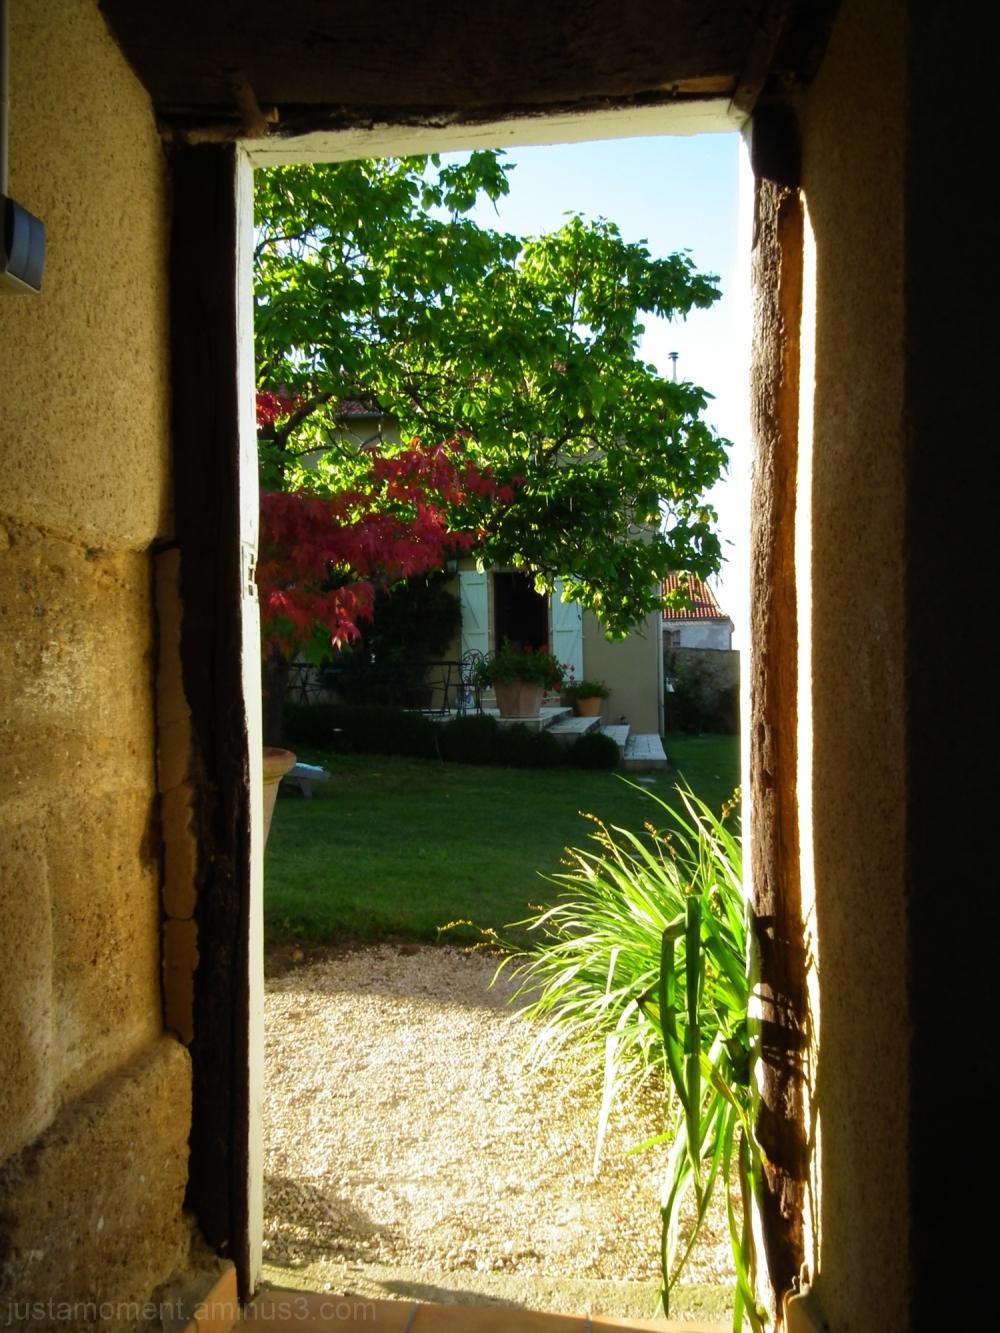 The garden door.